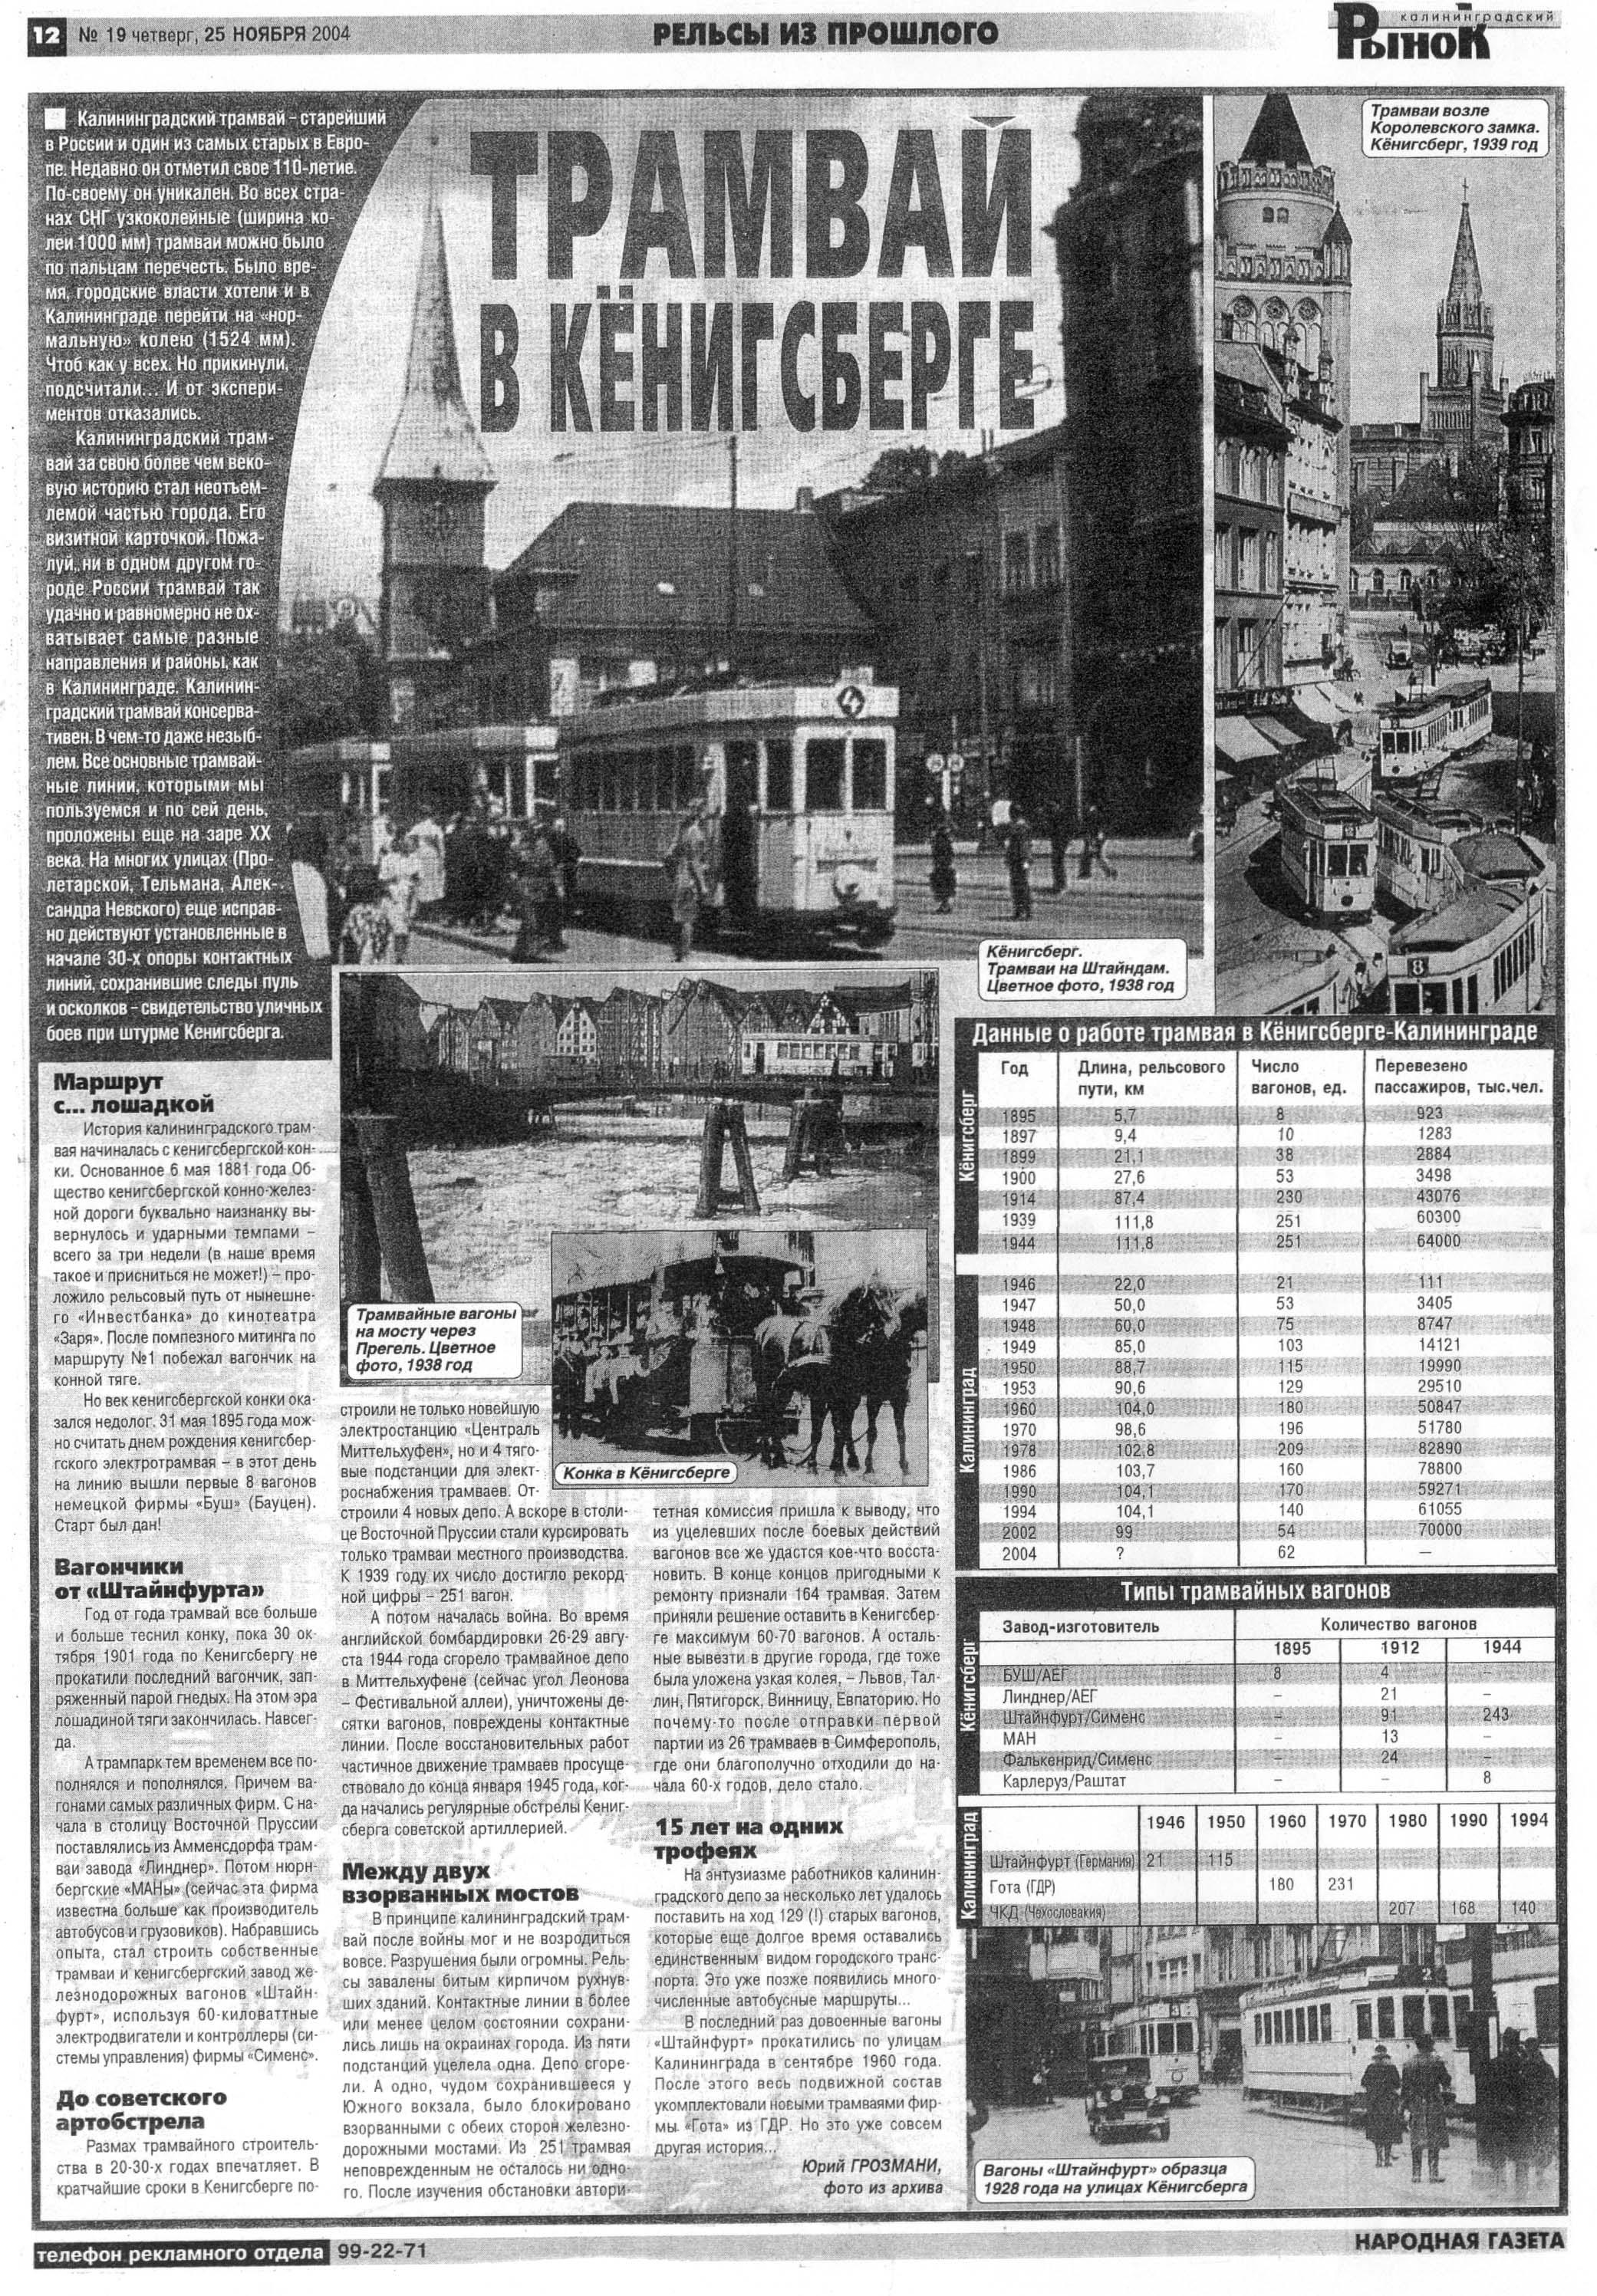 иркутск- трамвайная схема